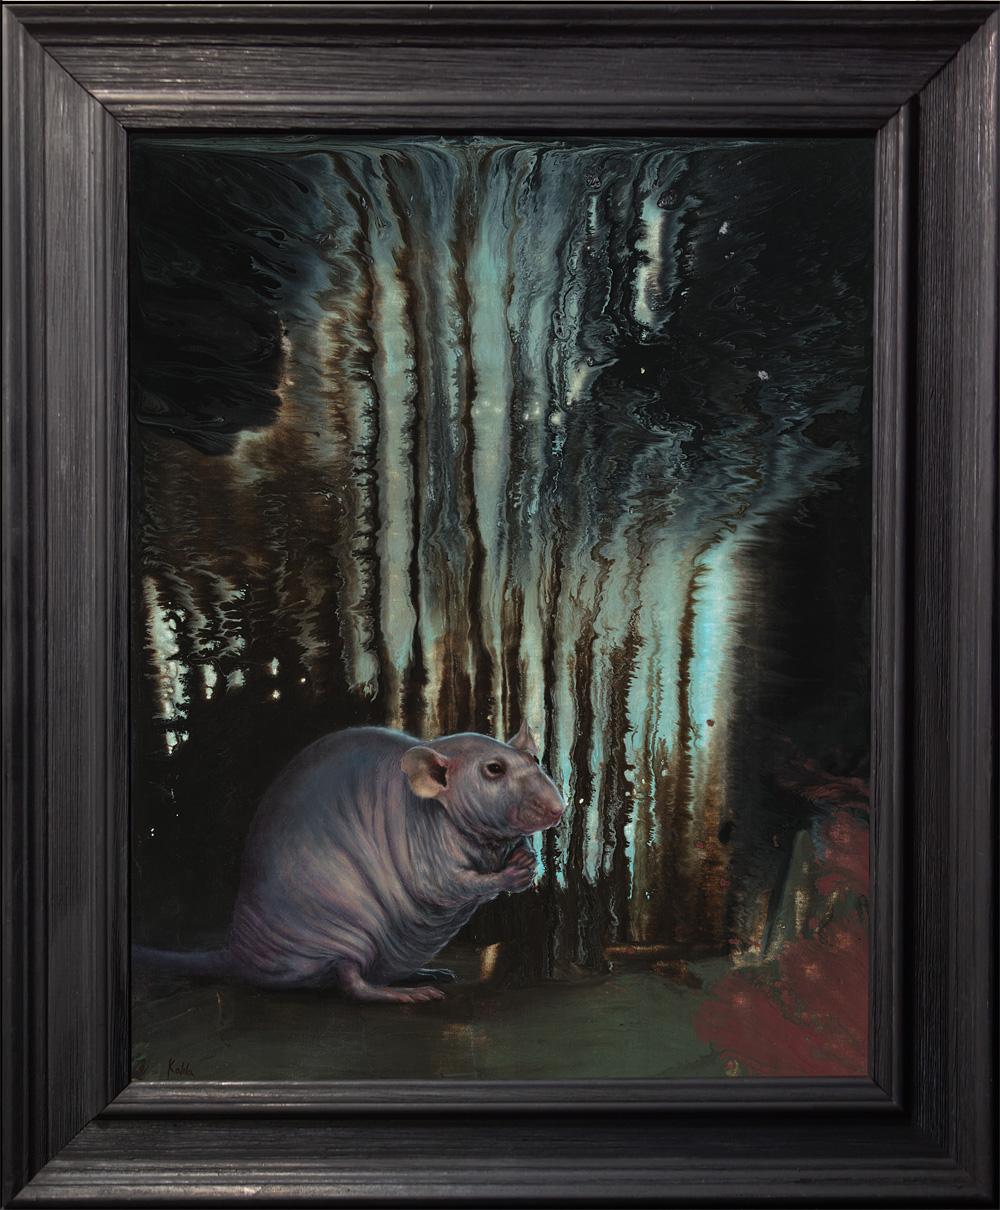 rat frame s